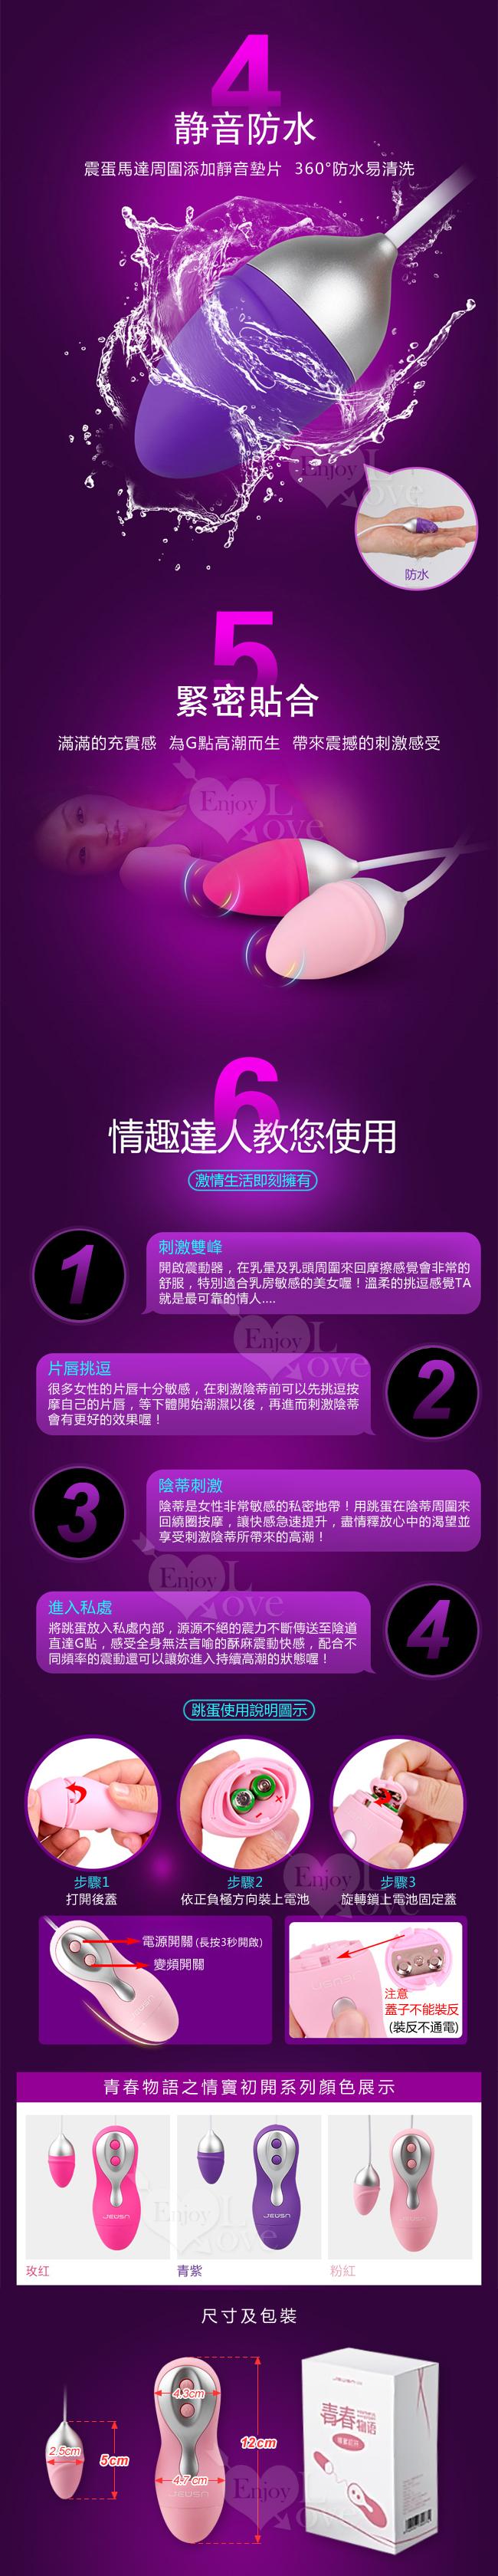 電池式 香港